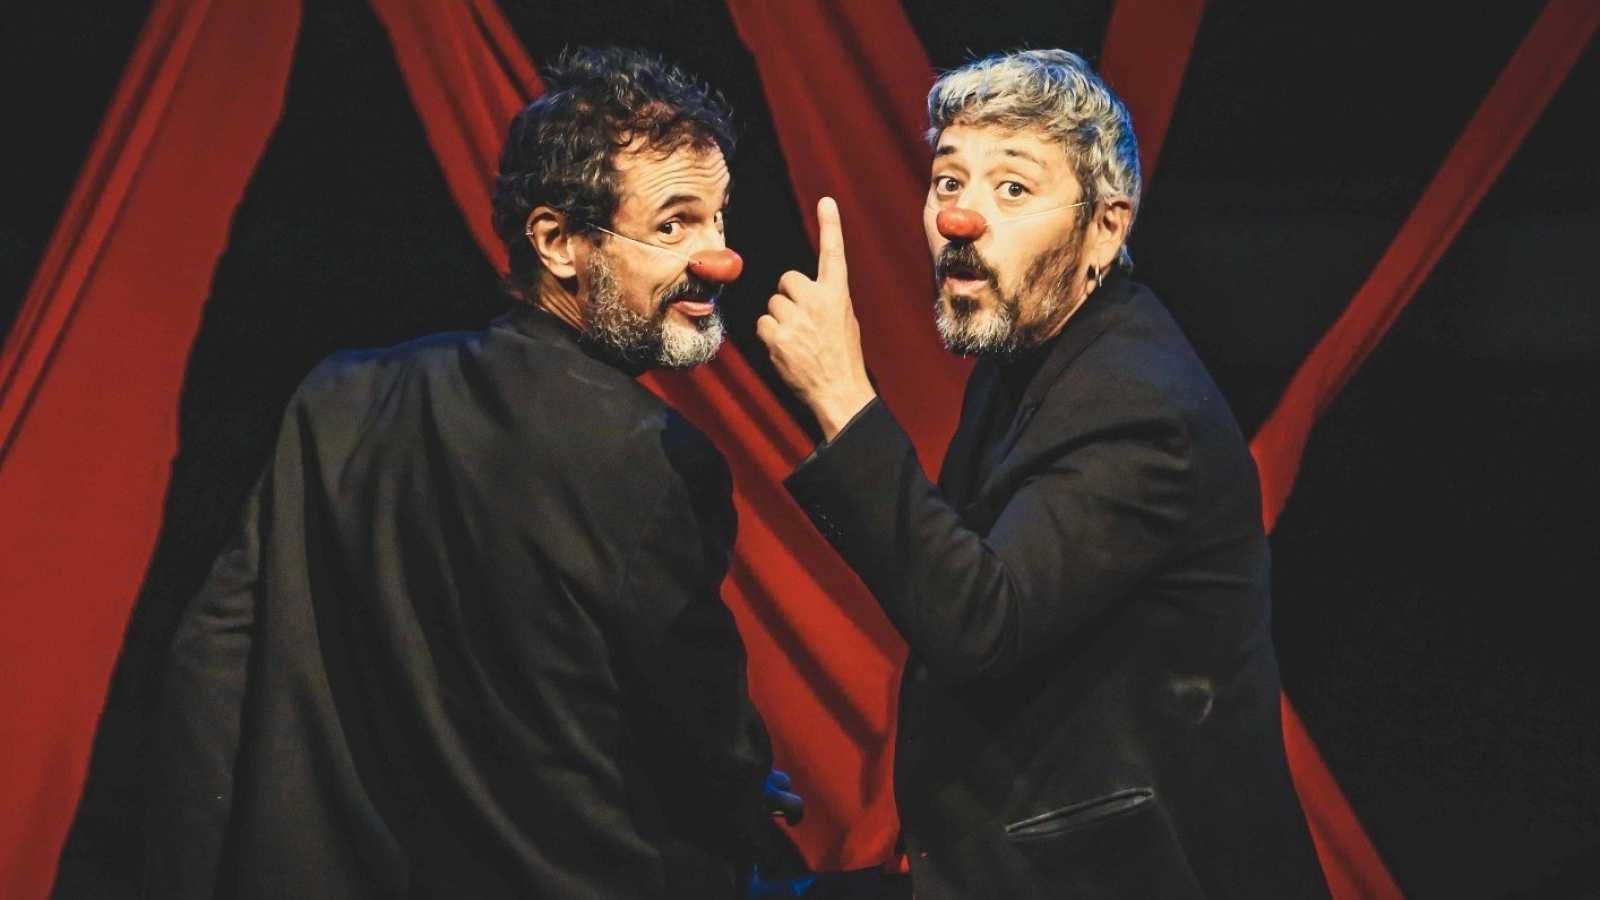 La sala - Santos Sánchez, mitad de Ymedio Teatro, nos lleva hasta Torreperogil - 15/12/20 - Escuchar ahora